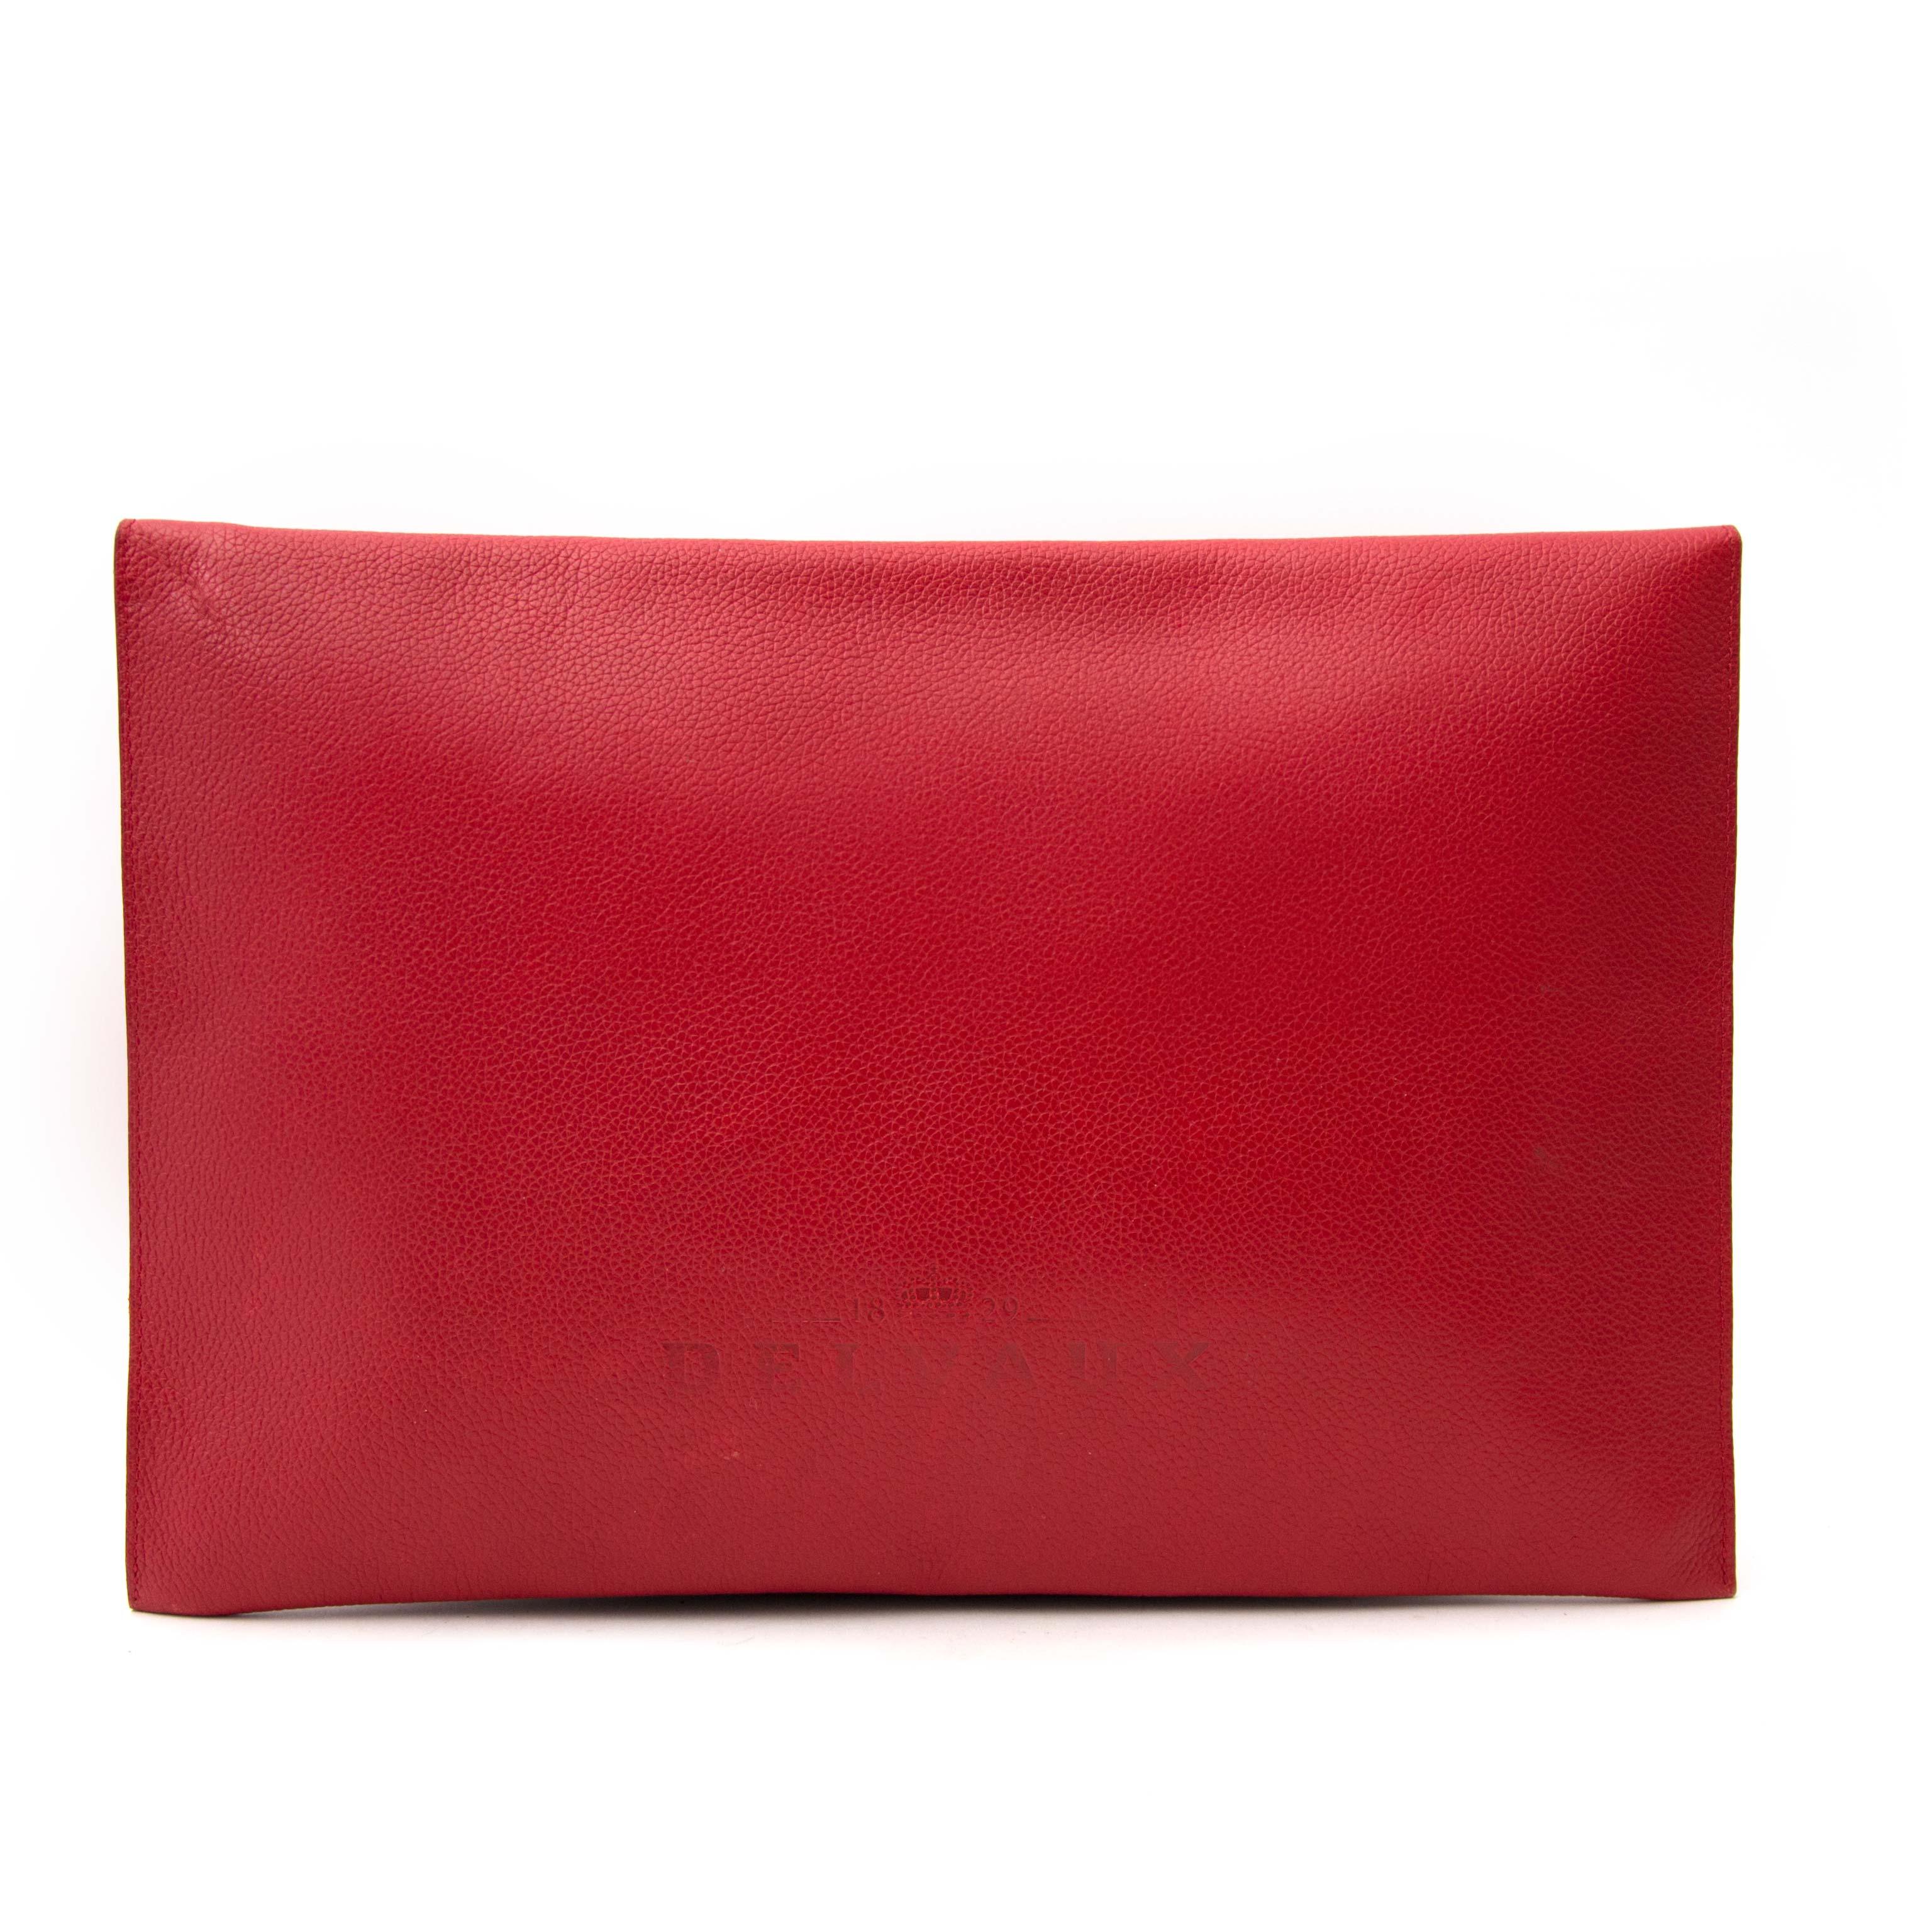 achetez enligne Delvaux Red Enveloppe Clutch chez labellov.com